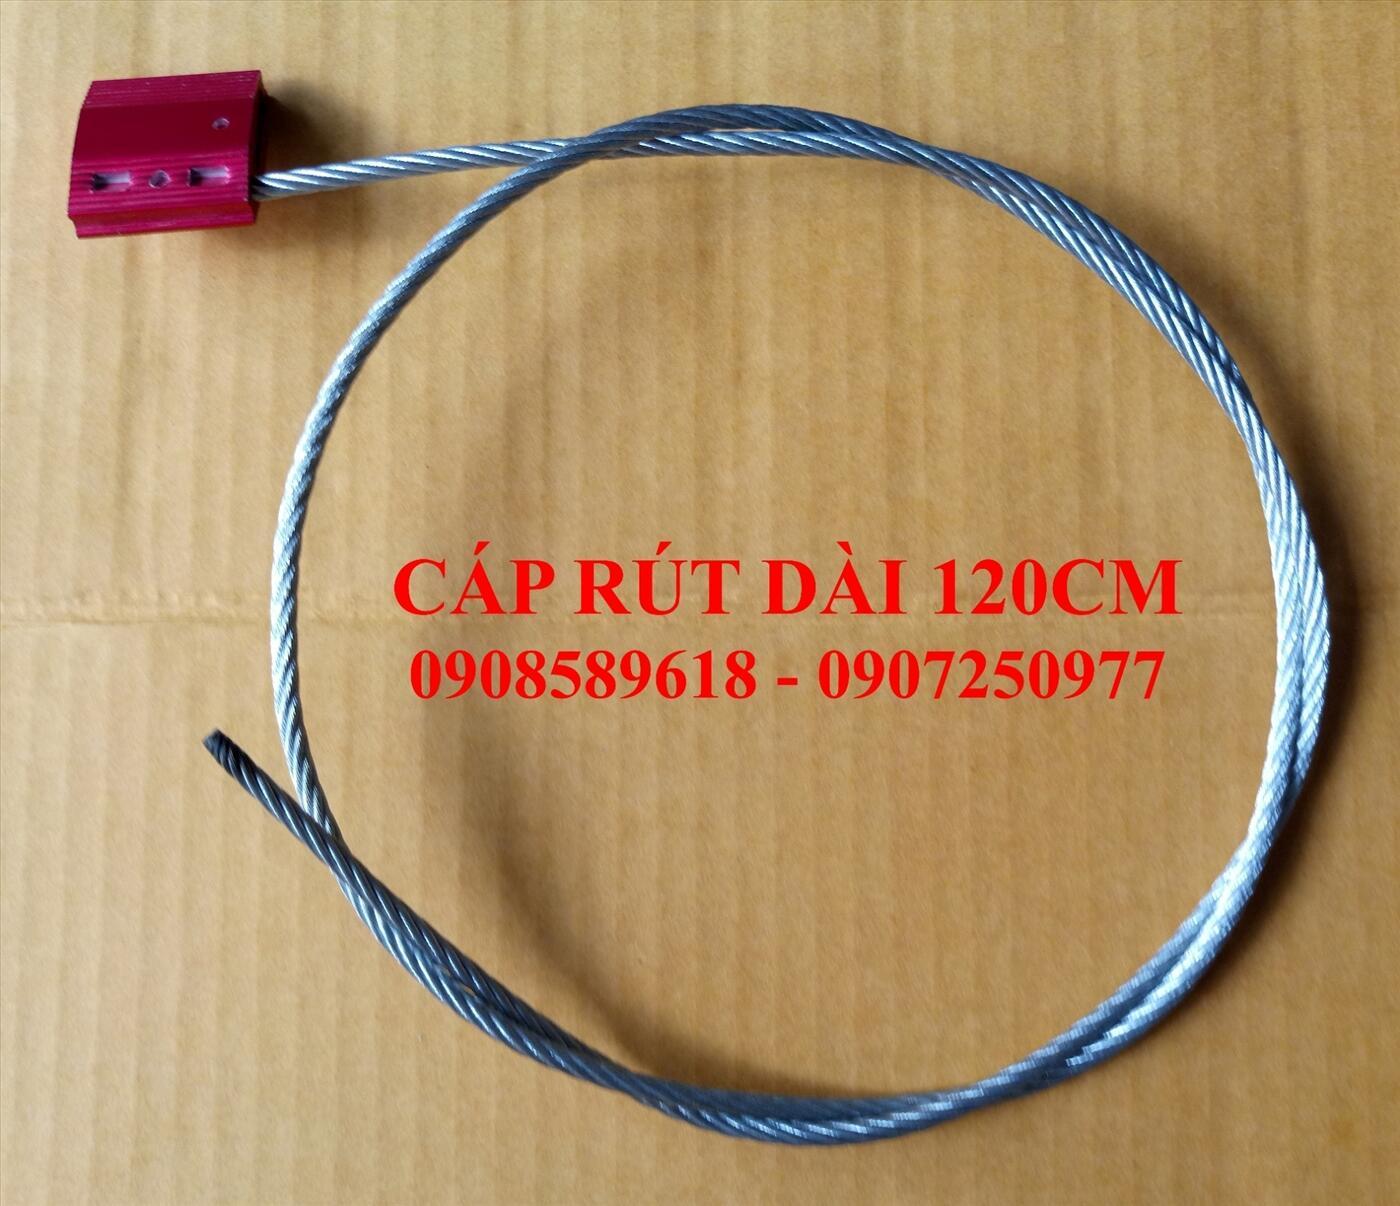 Seal dây cáp rút bản nhôm 120cm